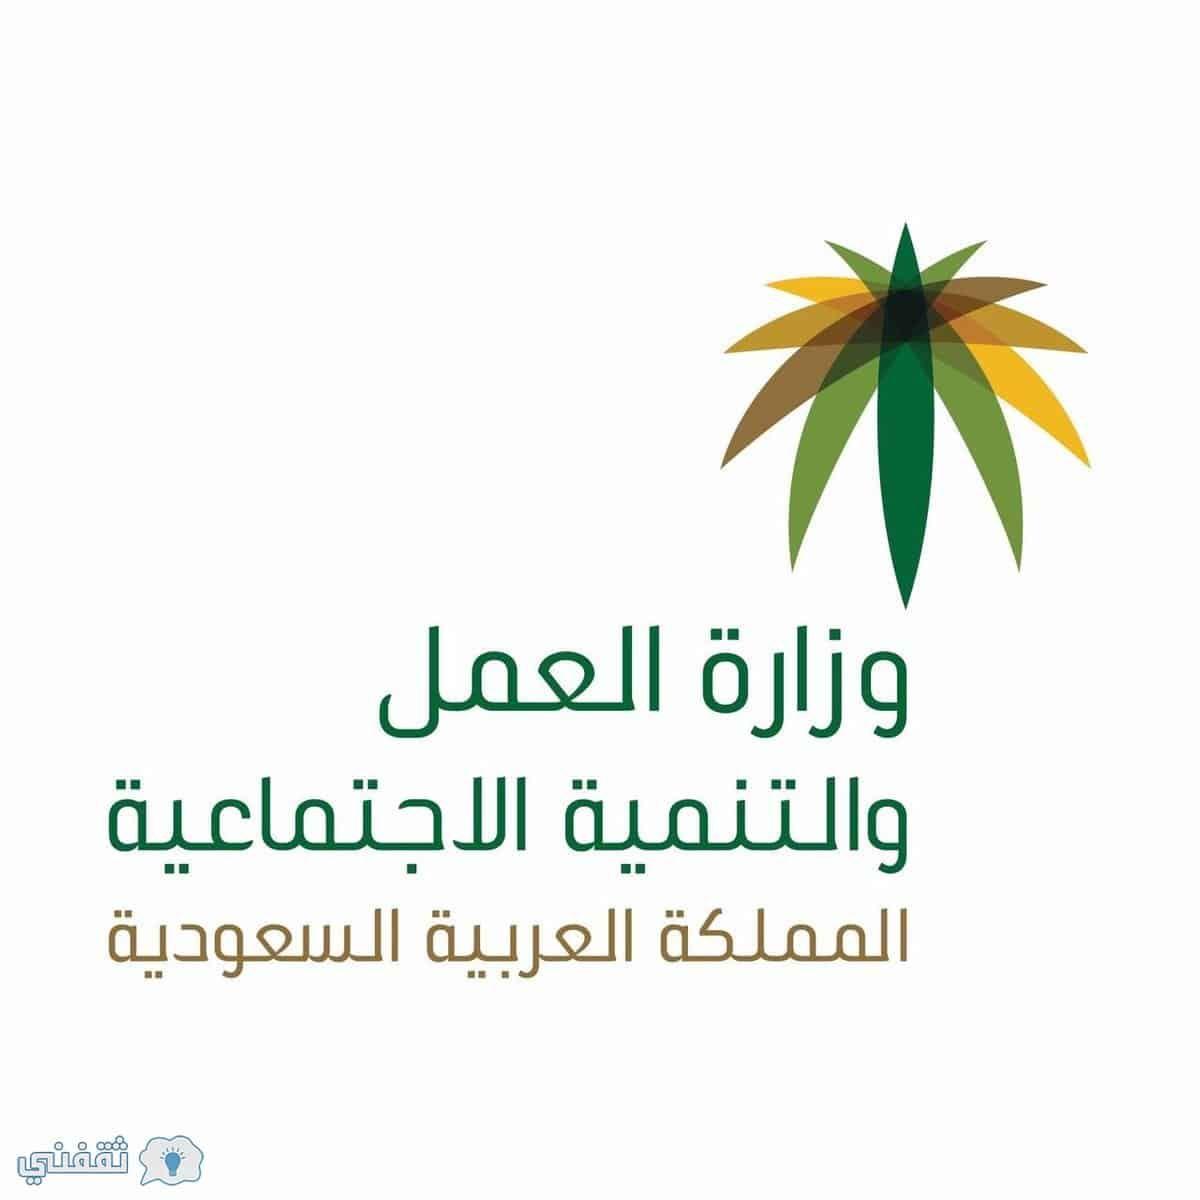 معاشات الضمان الاجتماعي ربيع الثاني 1439 ورابط استعلام المساعدة المقطوعة 1439 برقم السجل من وزارة العمل والضمان الاجتماعي عبر In This Moment Saudi Arabia News